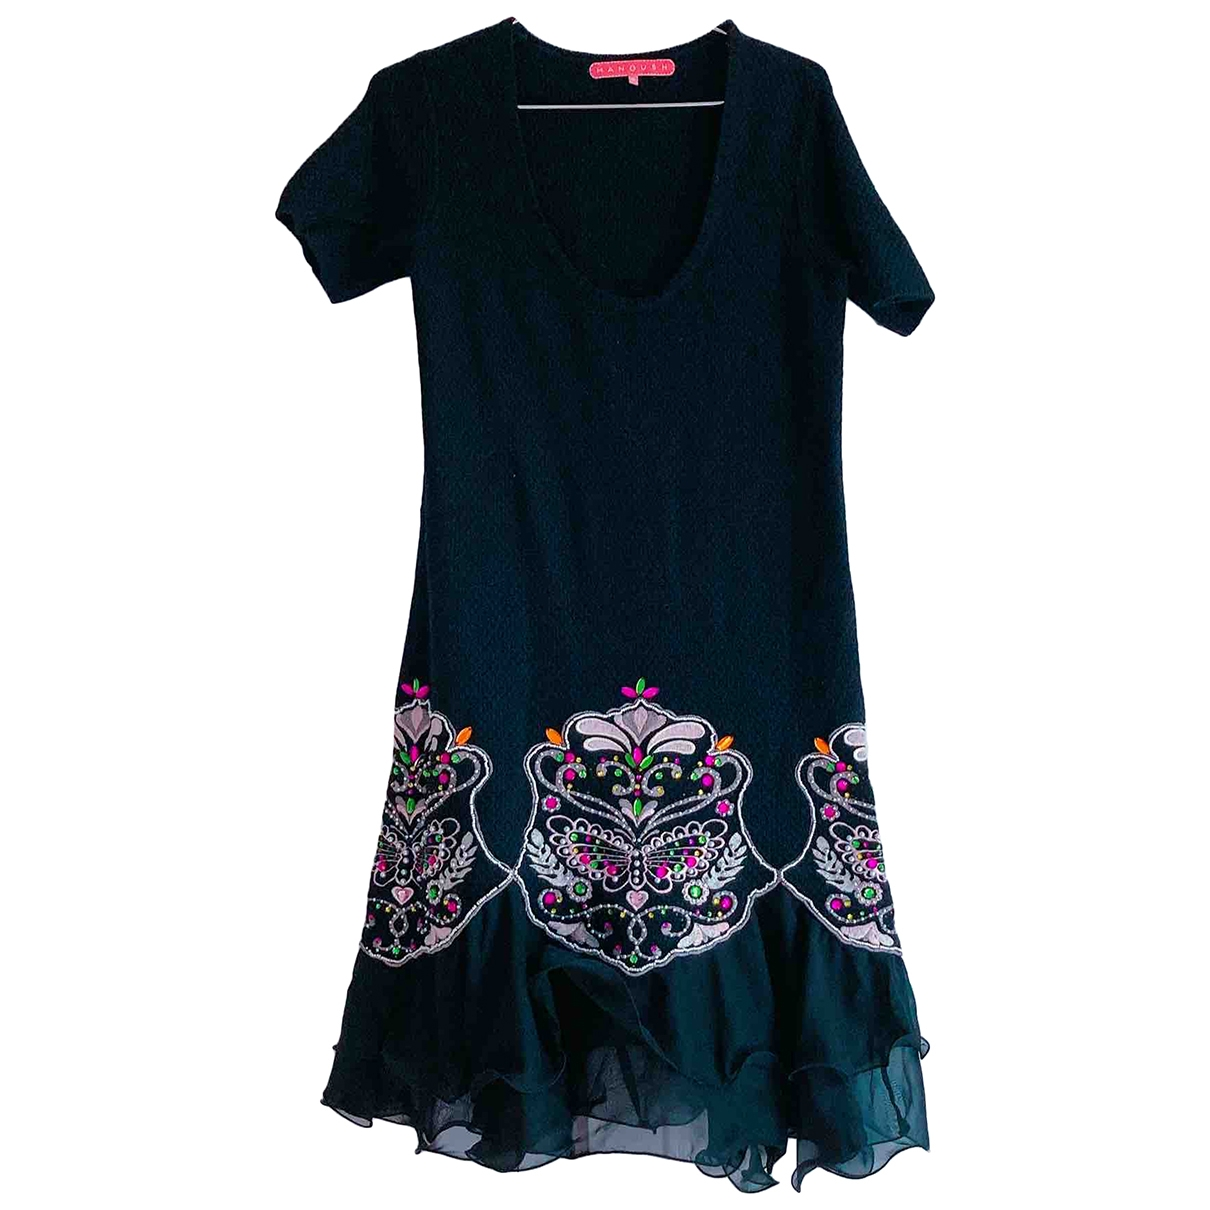 Manoush \N Kleid in  Schwarz Baumwolle